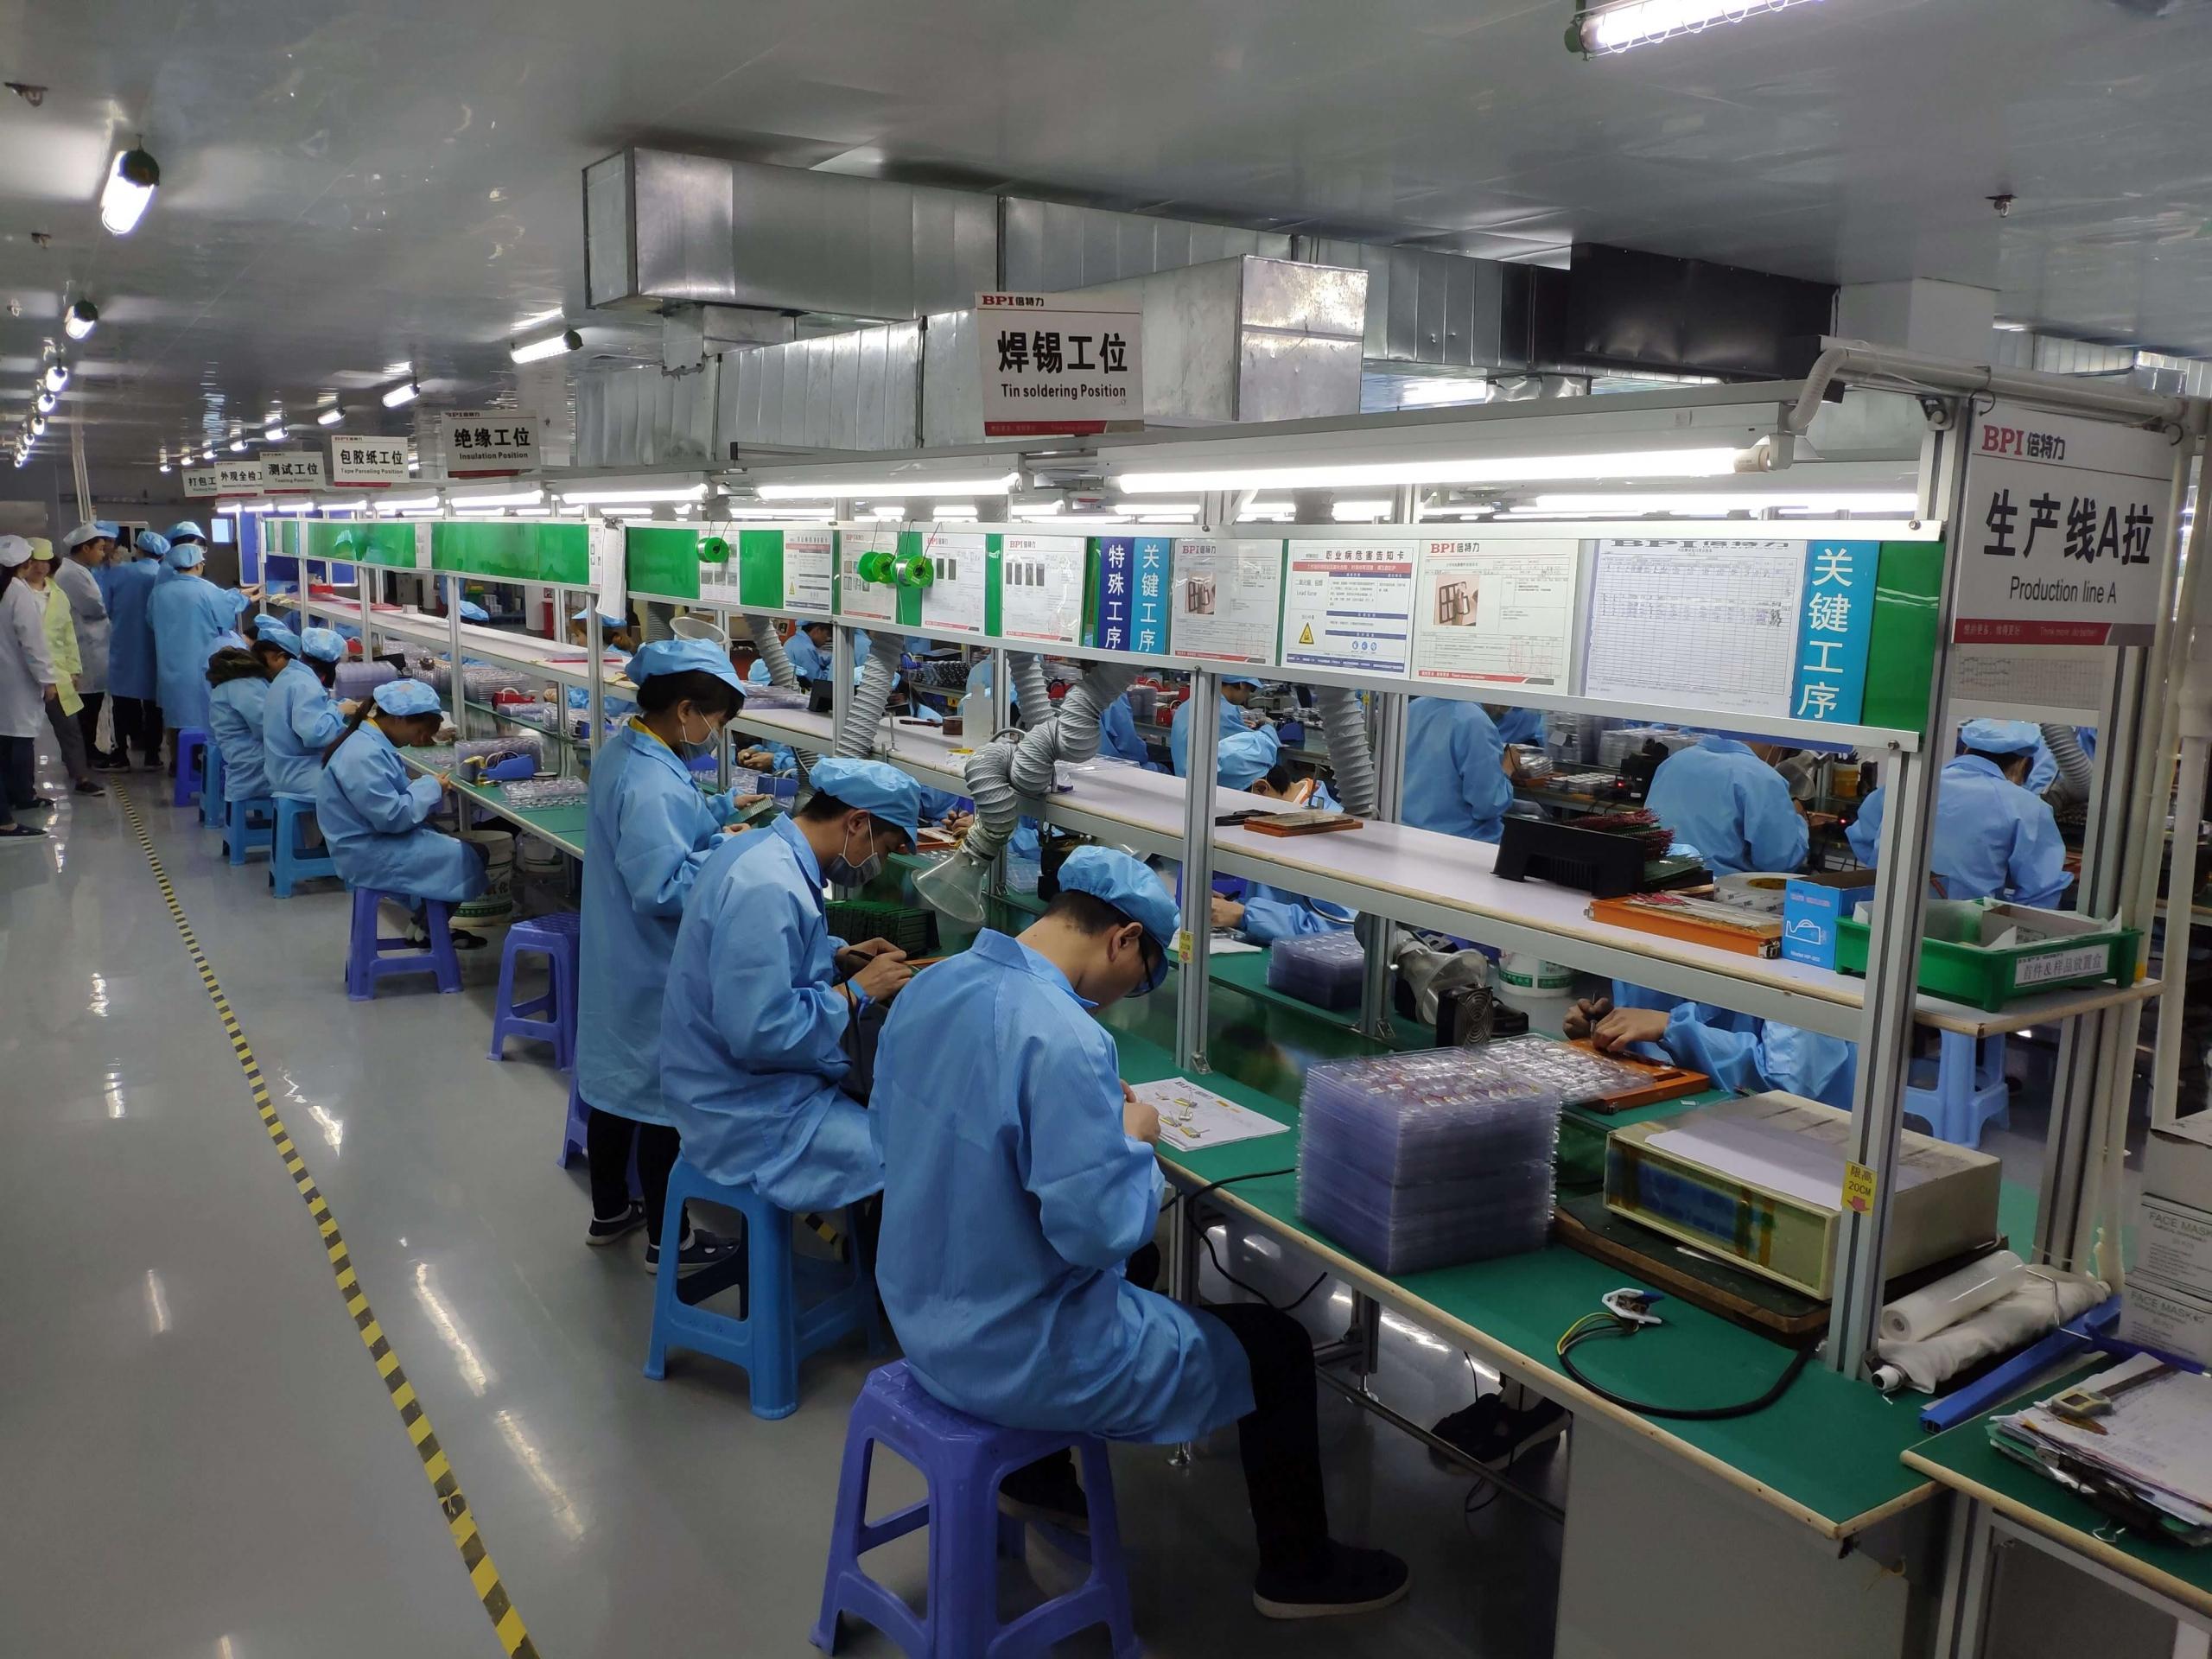 خرید از کارخانه یا از شرکت های تجاری